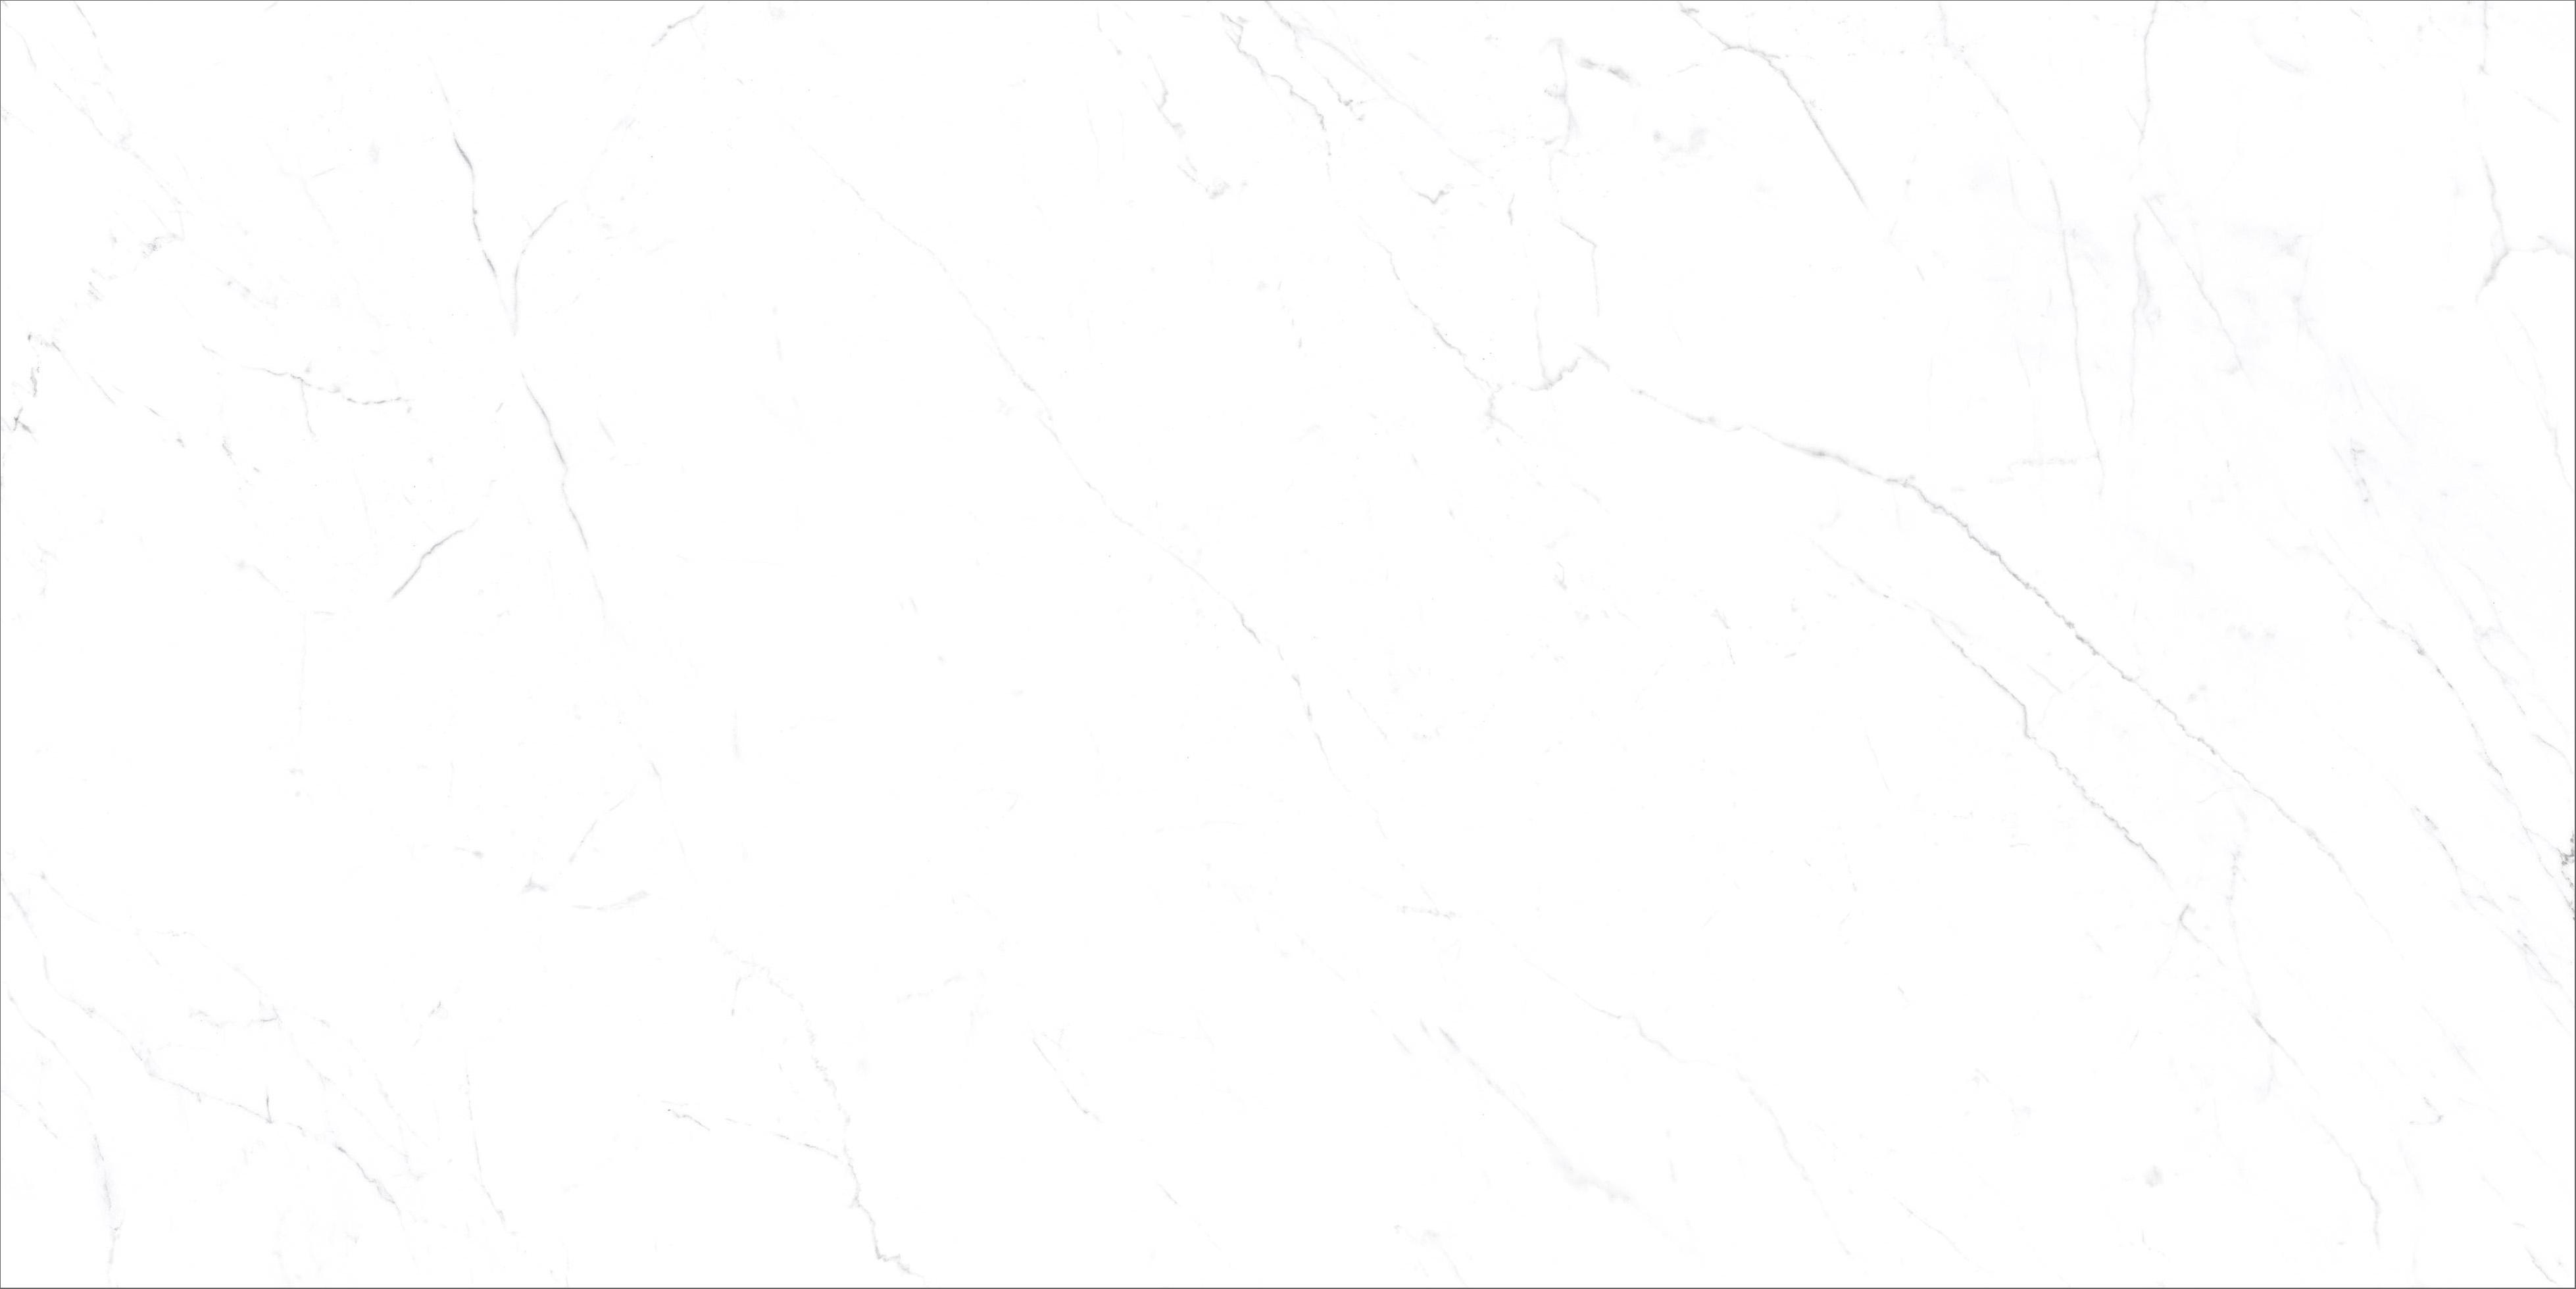 0097448, Archimarble, Valkoinen, lattia,pakkasenkesto